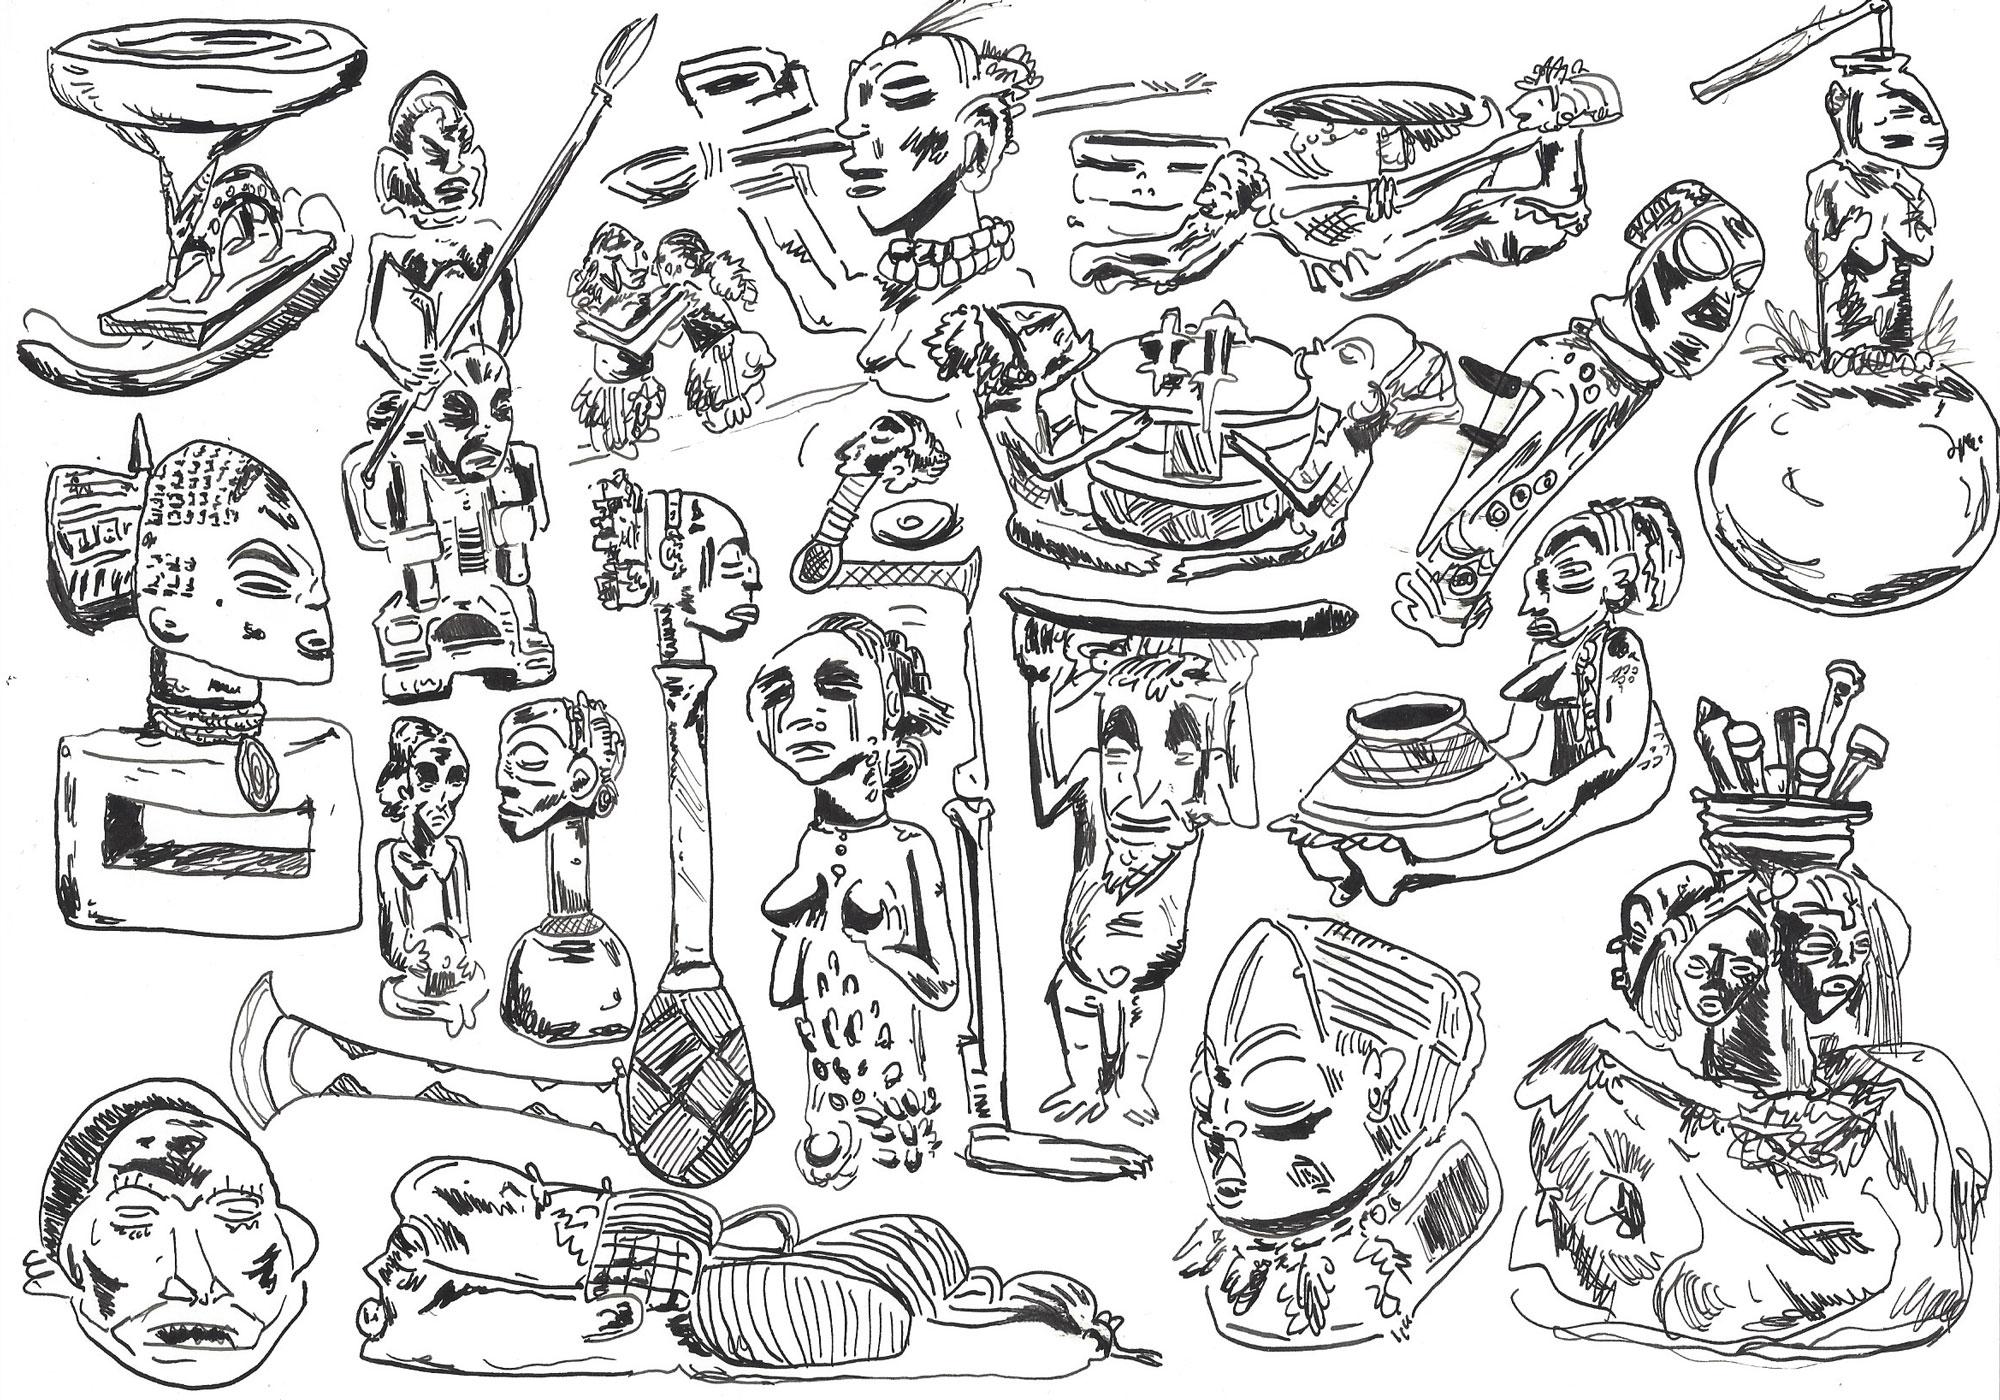 Ethnie et journalisme : pourquoi parle-t-on toujours de l'Afrique en termes ethniques ? Illustrations de Xavier Frederick